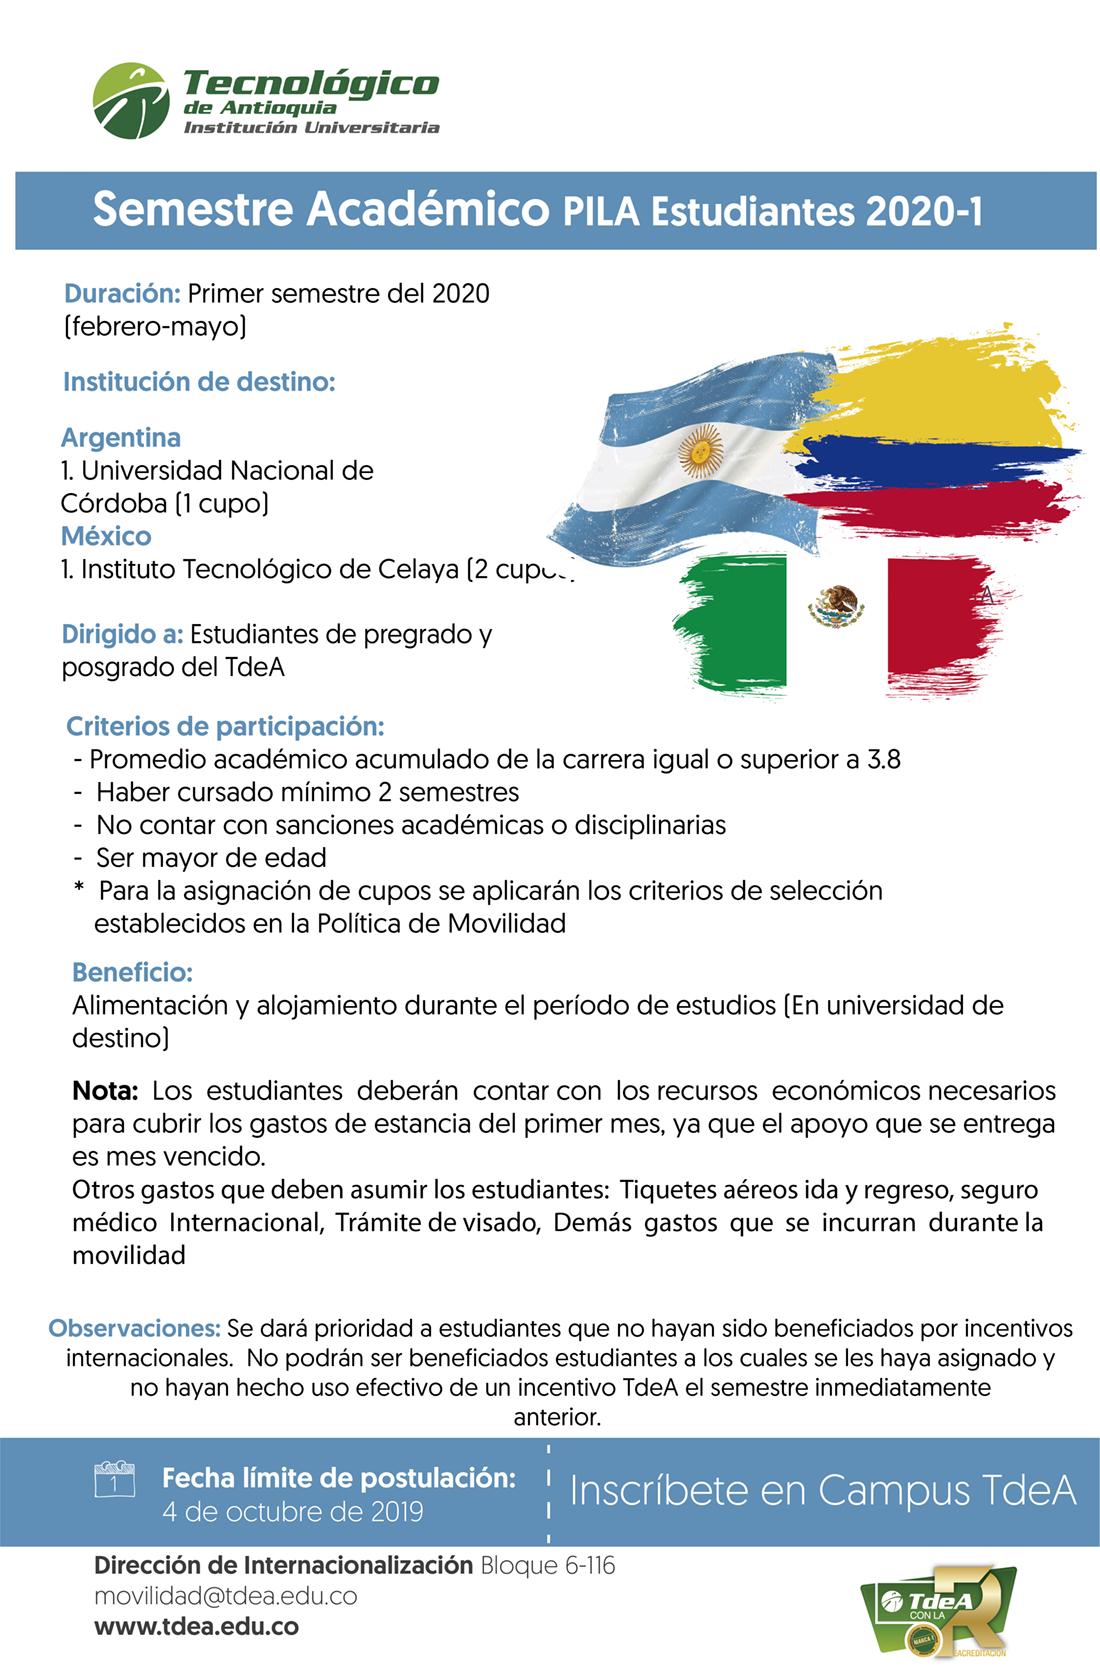 Semestre académico PILA estudiantes 2020 - 1